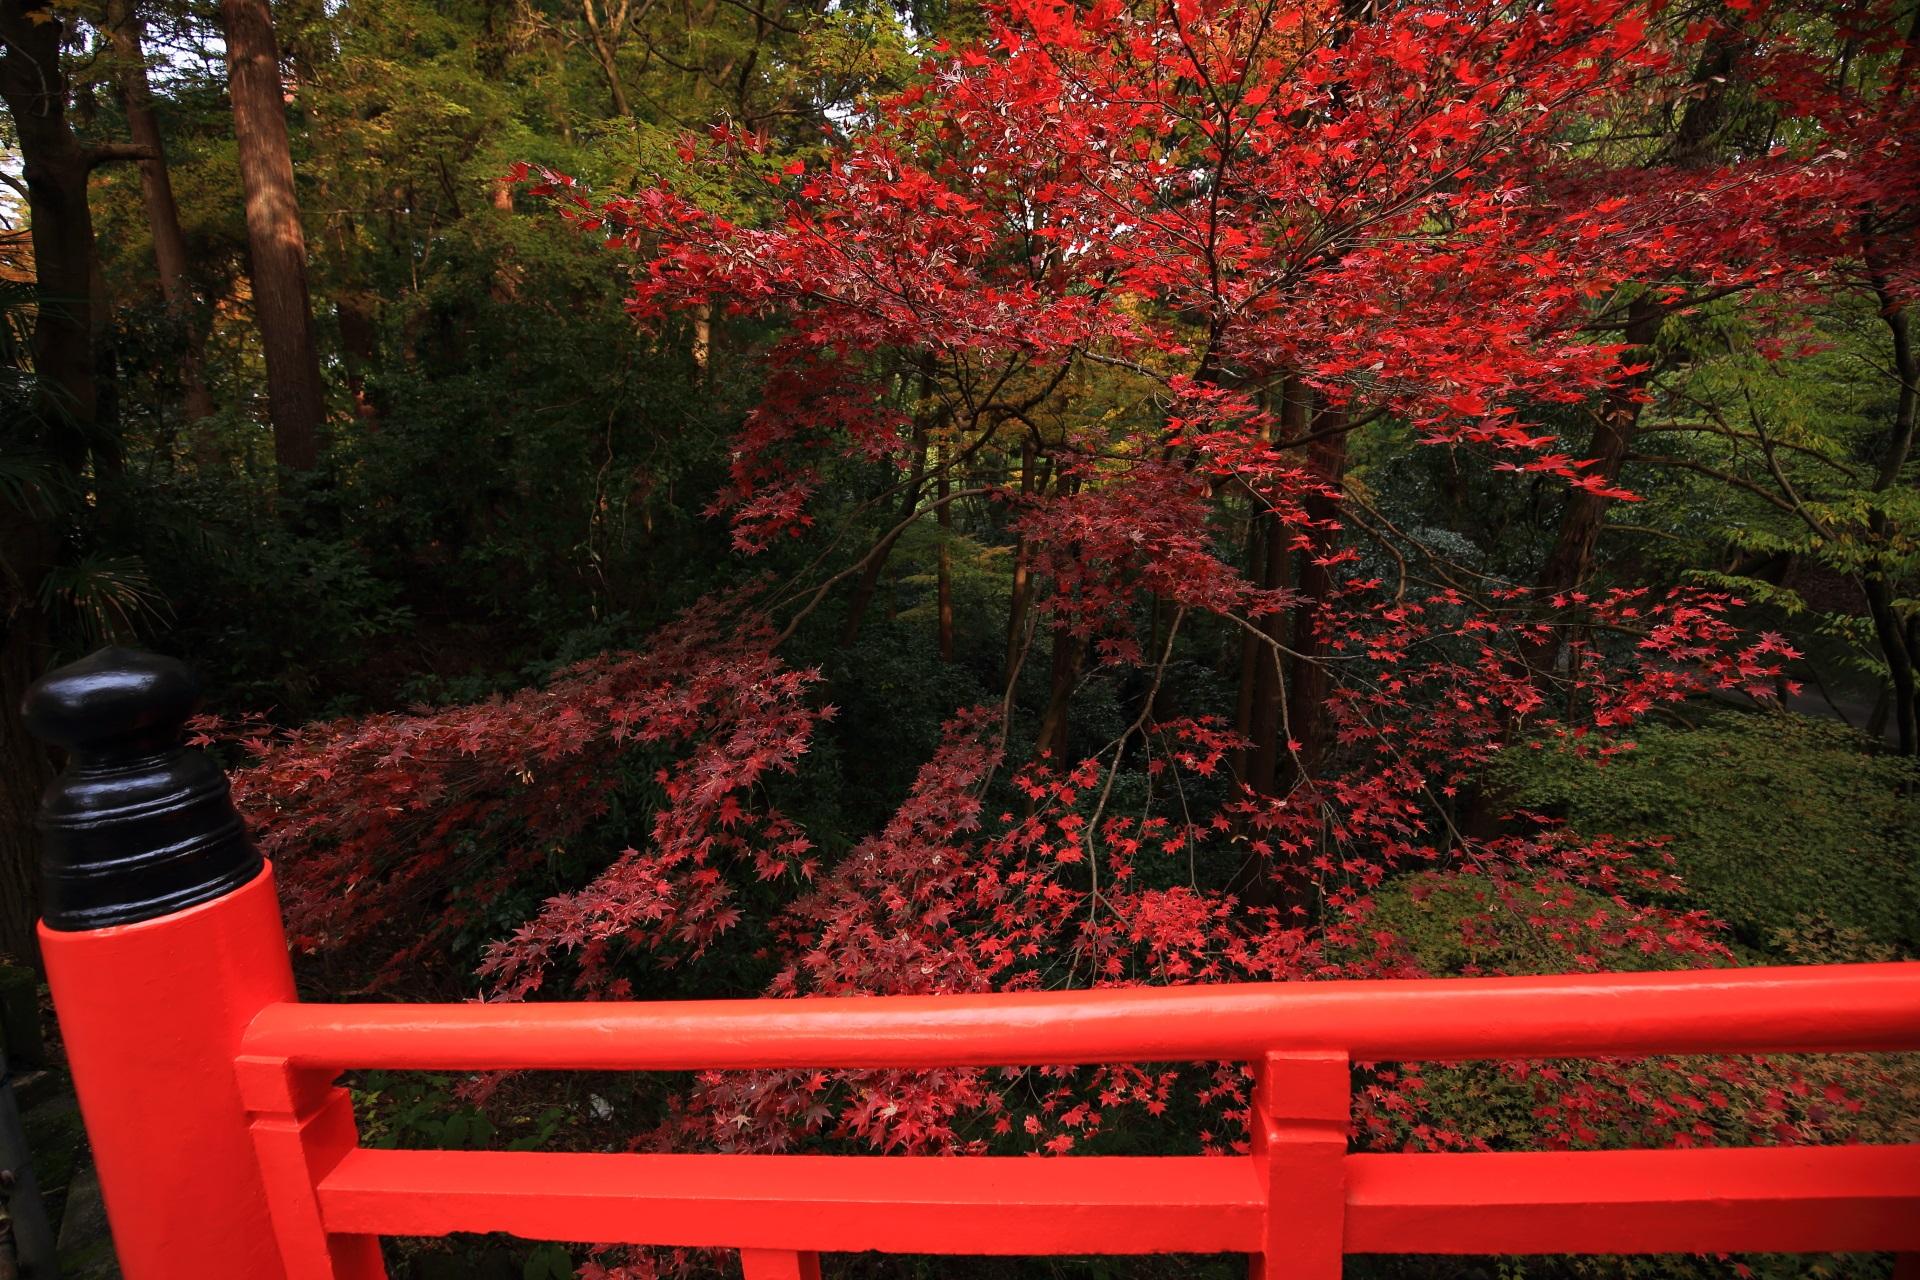 鳥居橋の上から眺めた赤く色づいた紅葉